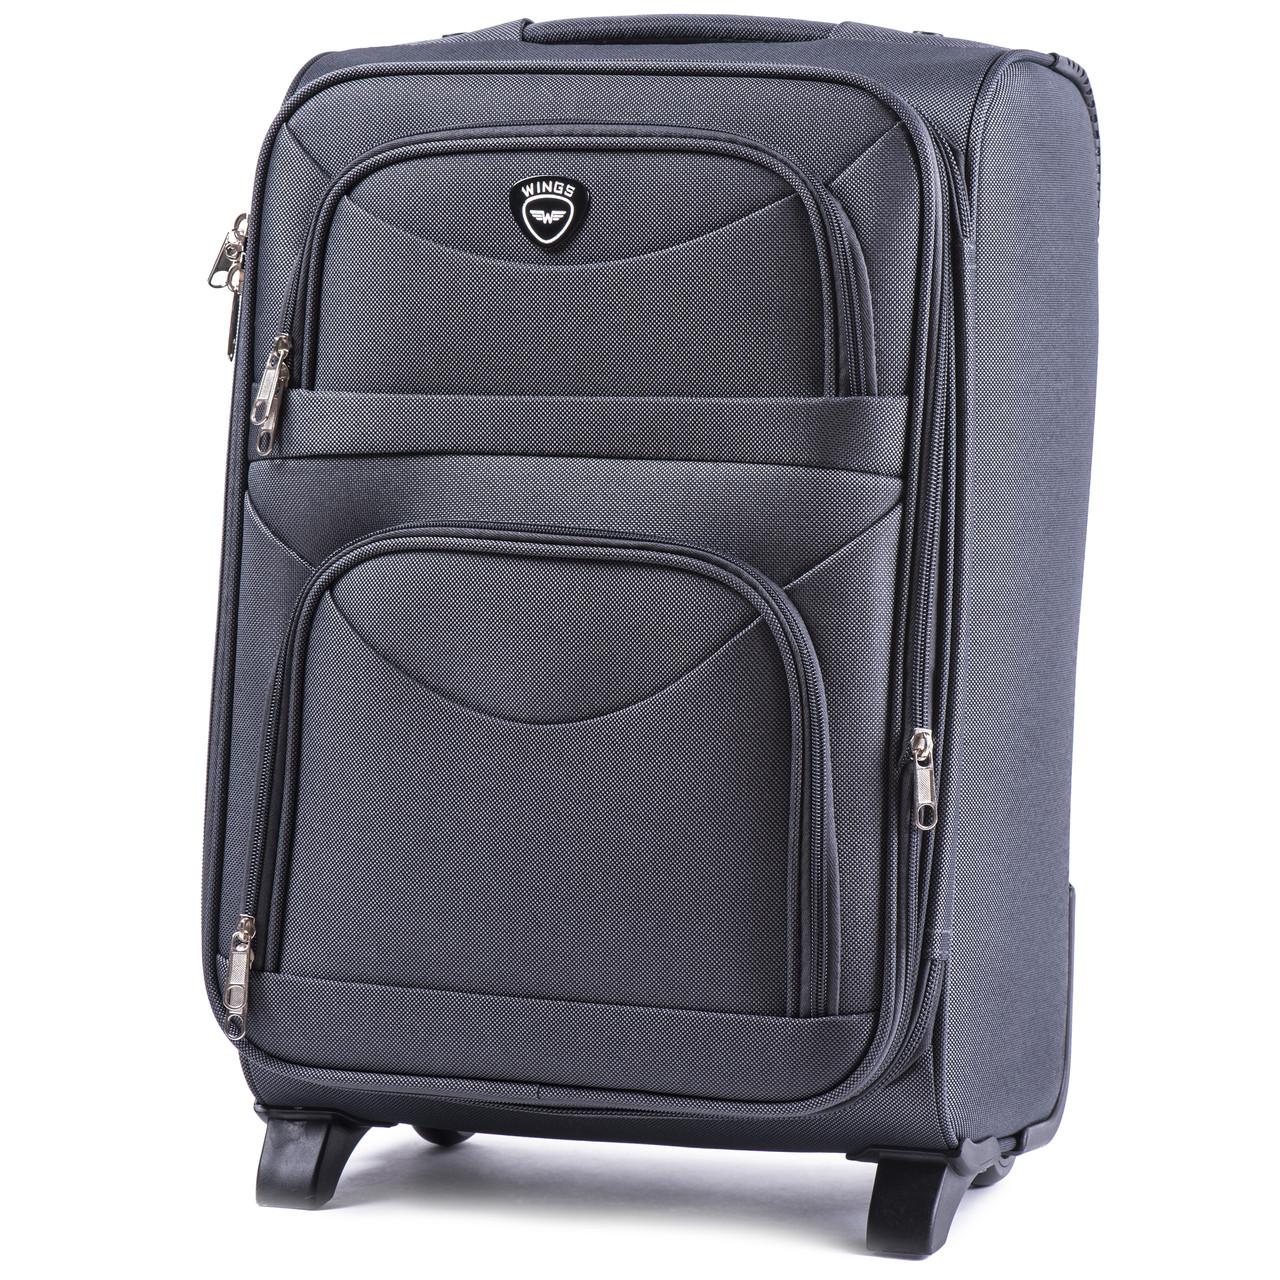 Большой тканевый чемодан Wings 6802 на 2 колесах серый